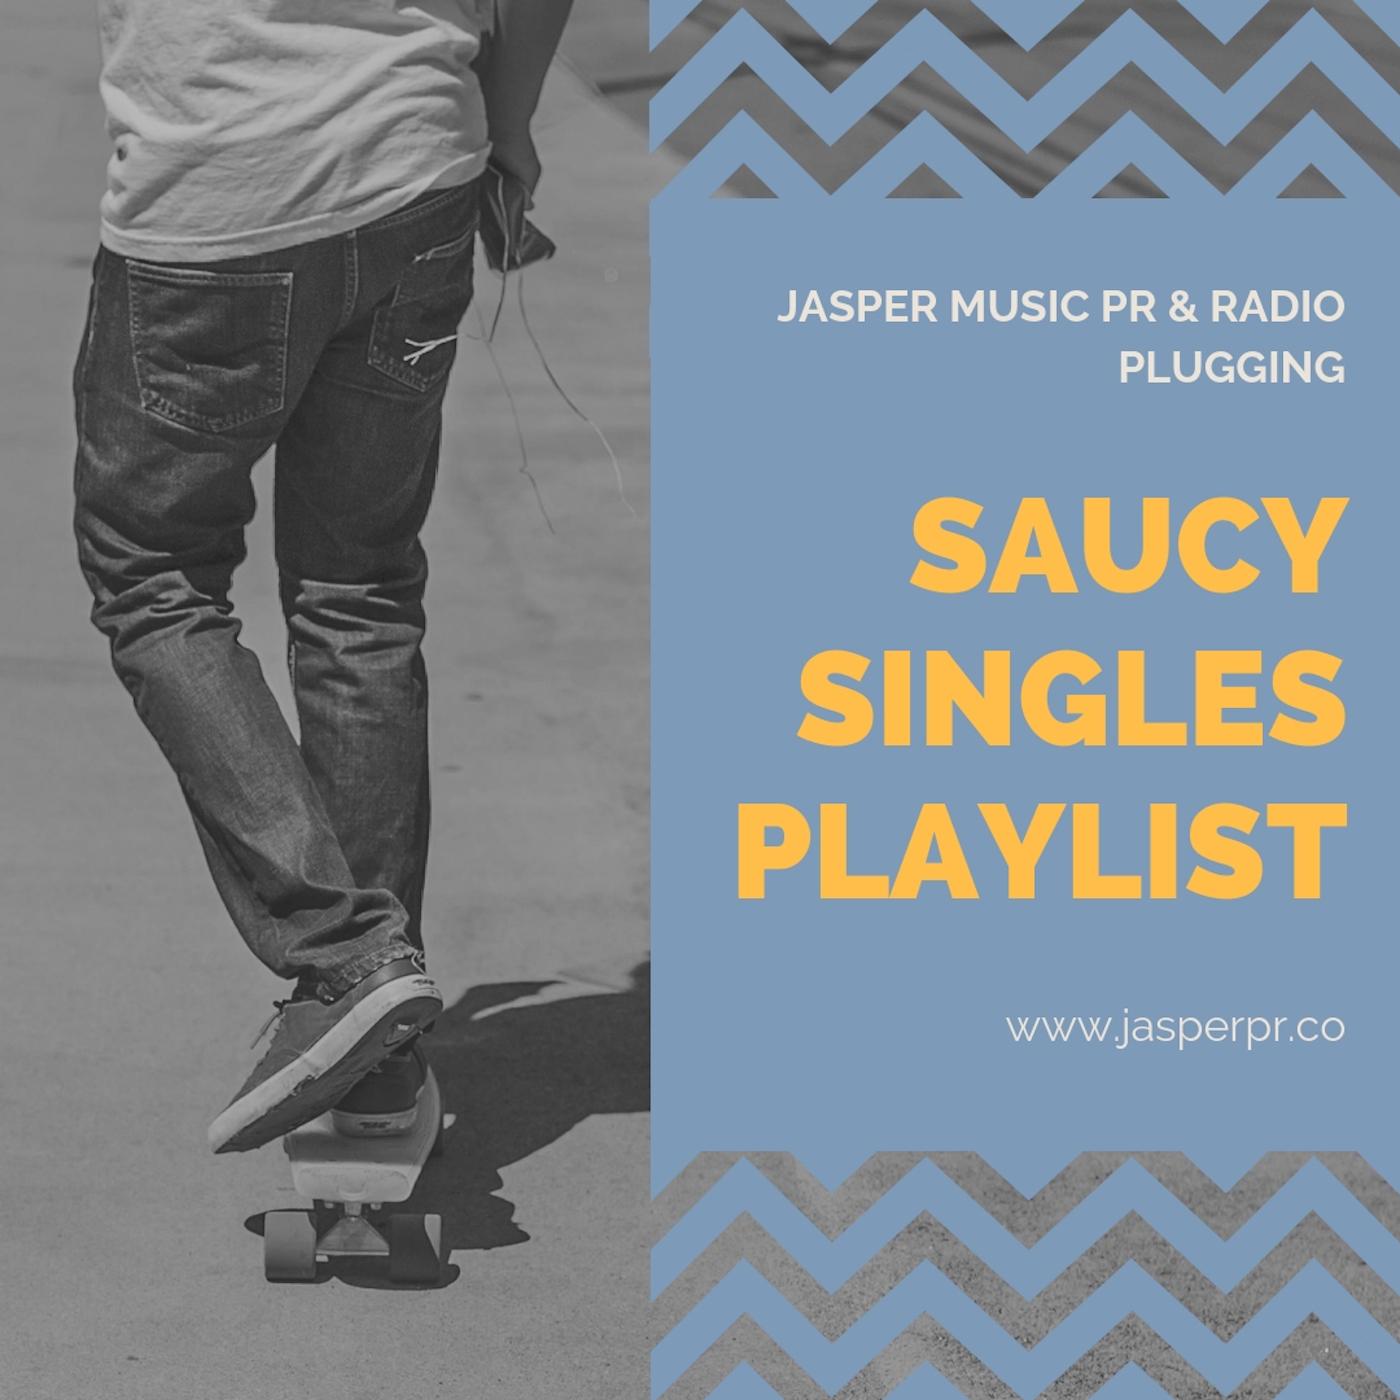 saucy singles 003 bombshell radio